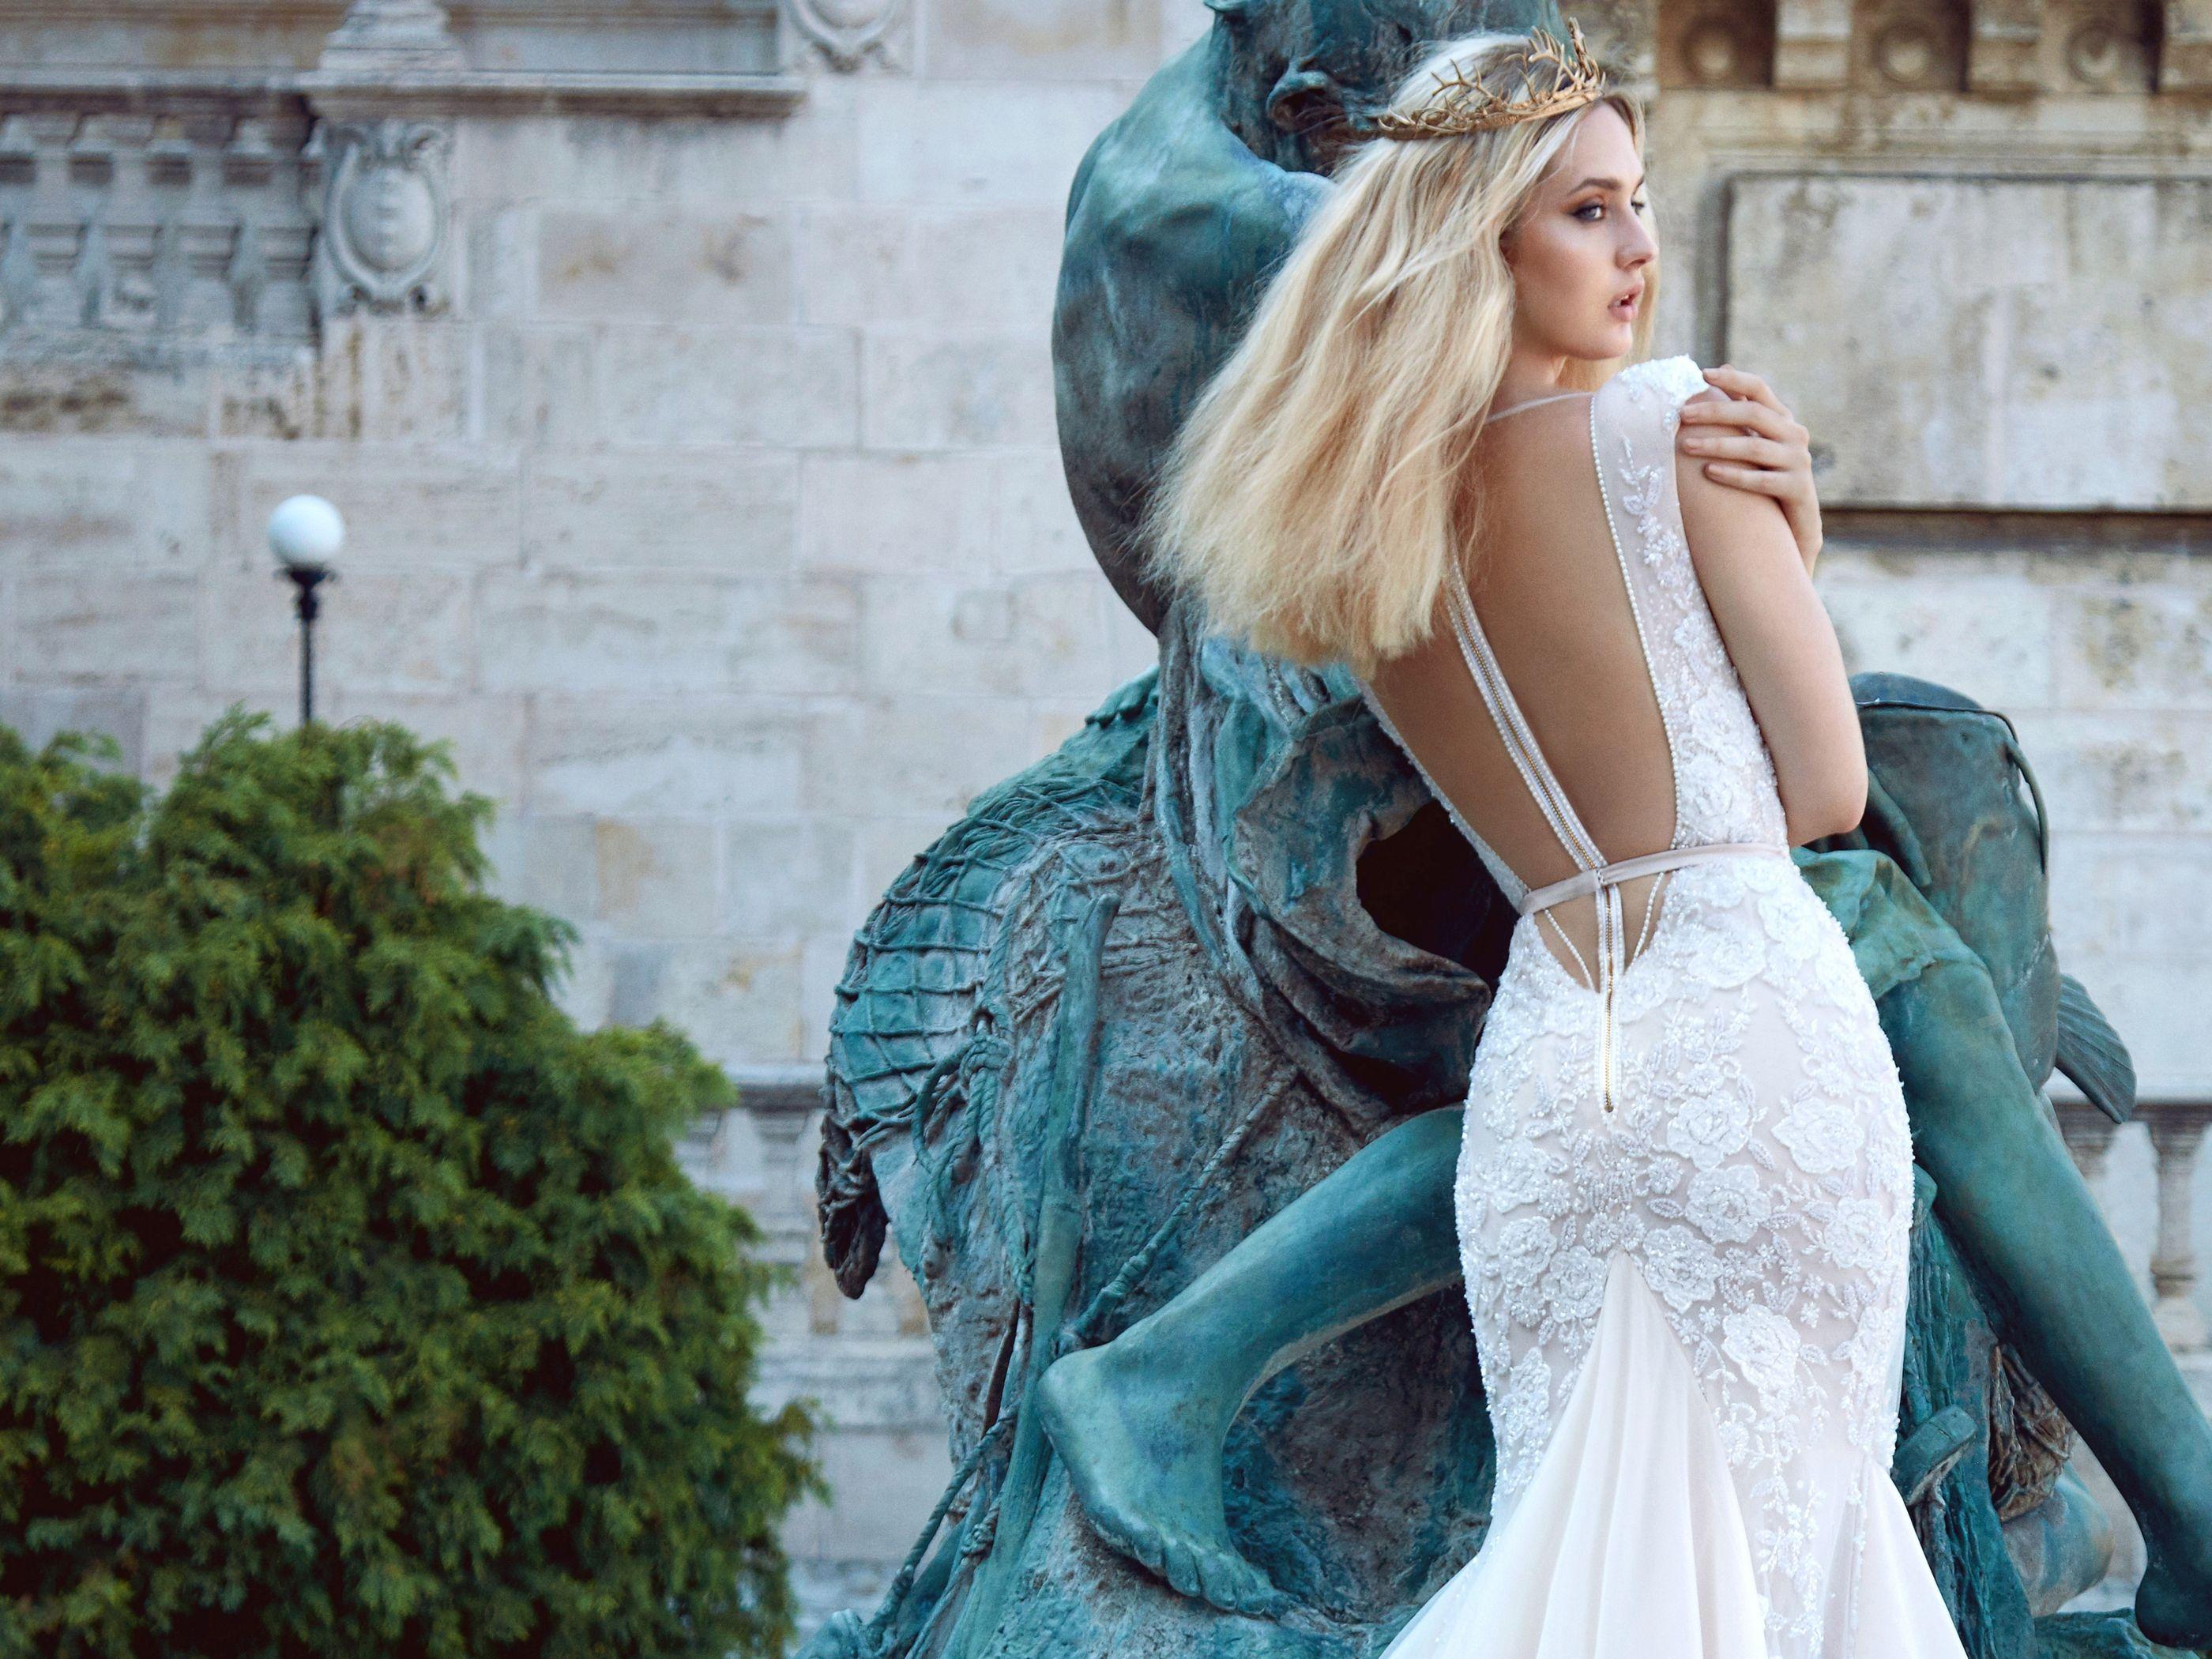 Niedlich Rabatt Couture Brautkleider Bilder - Brautkleider Ideen ...